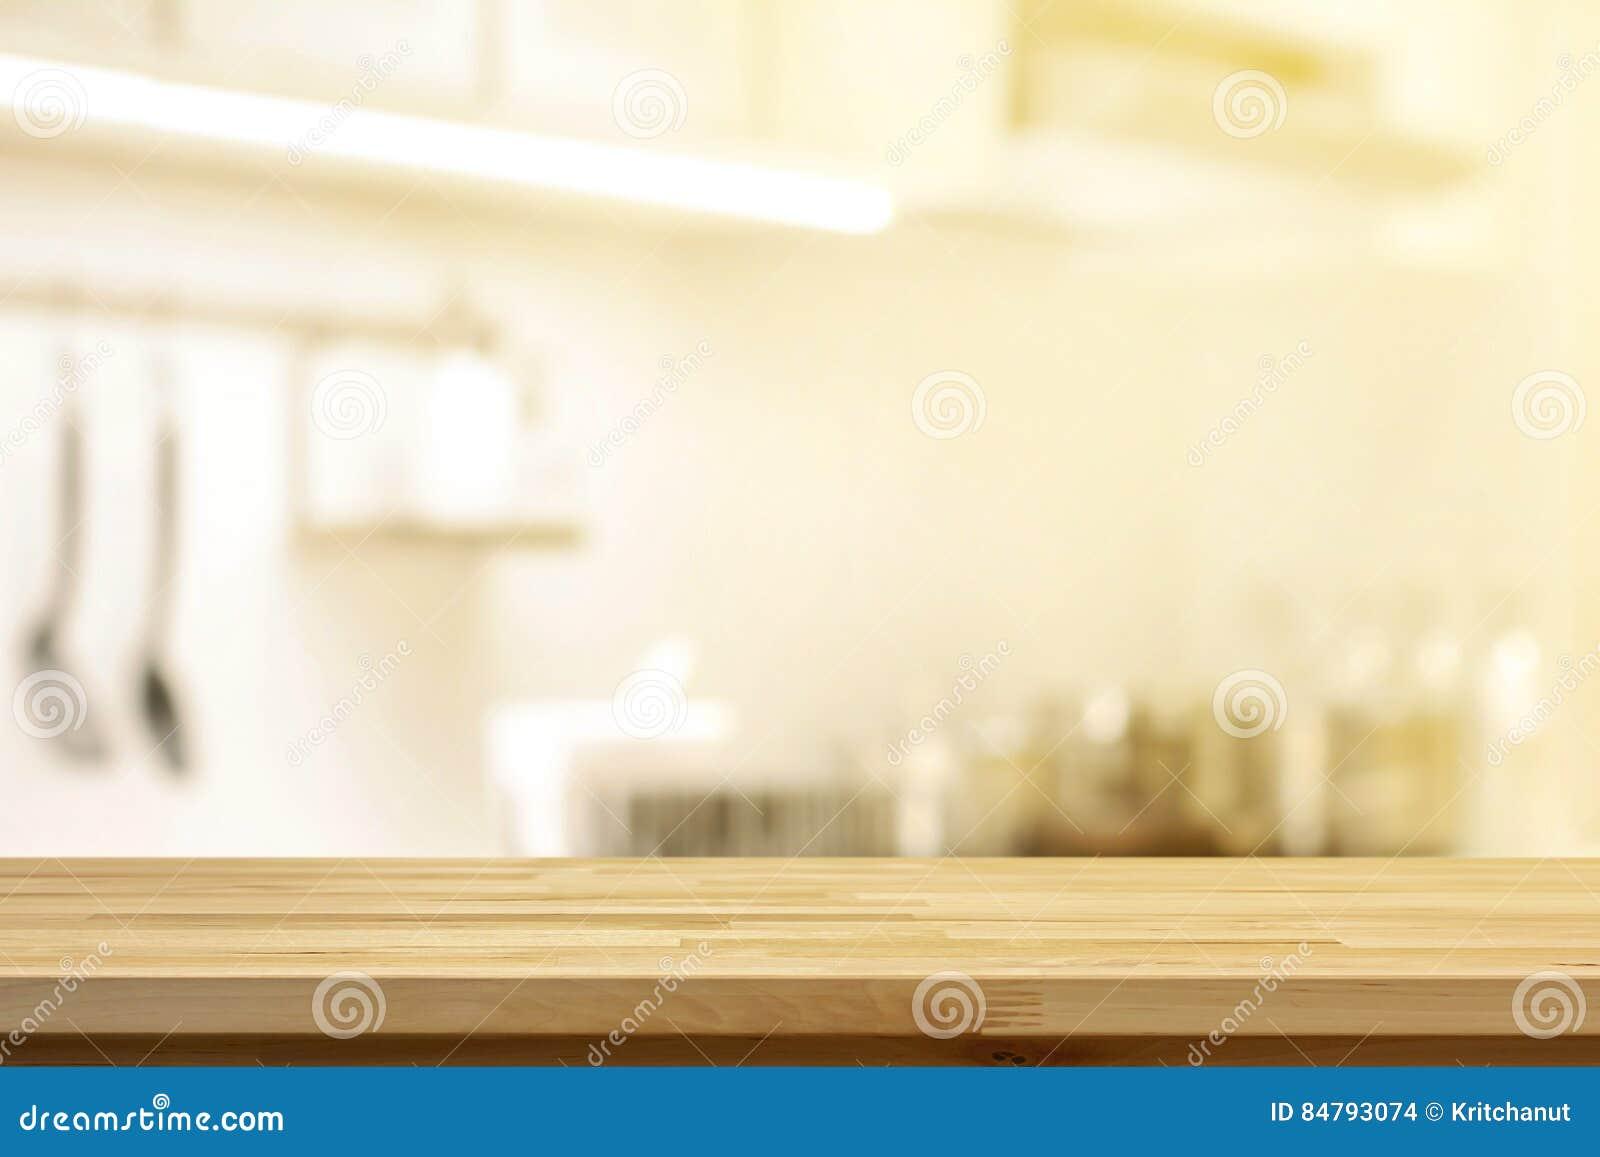 Hölzerne Tischplatte Als Kücheninsel Auf Unschärfeküchen ...